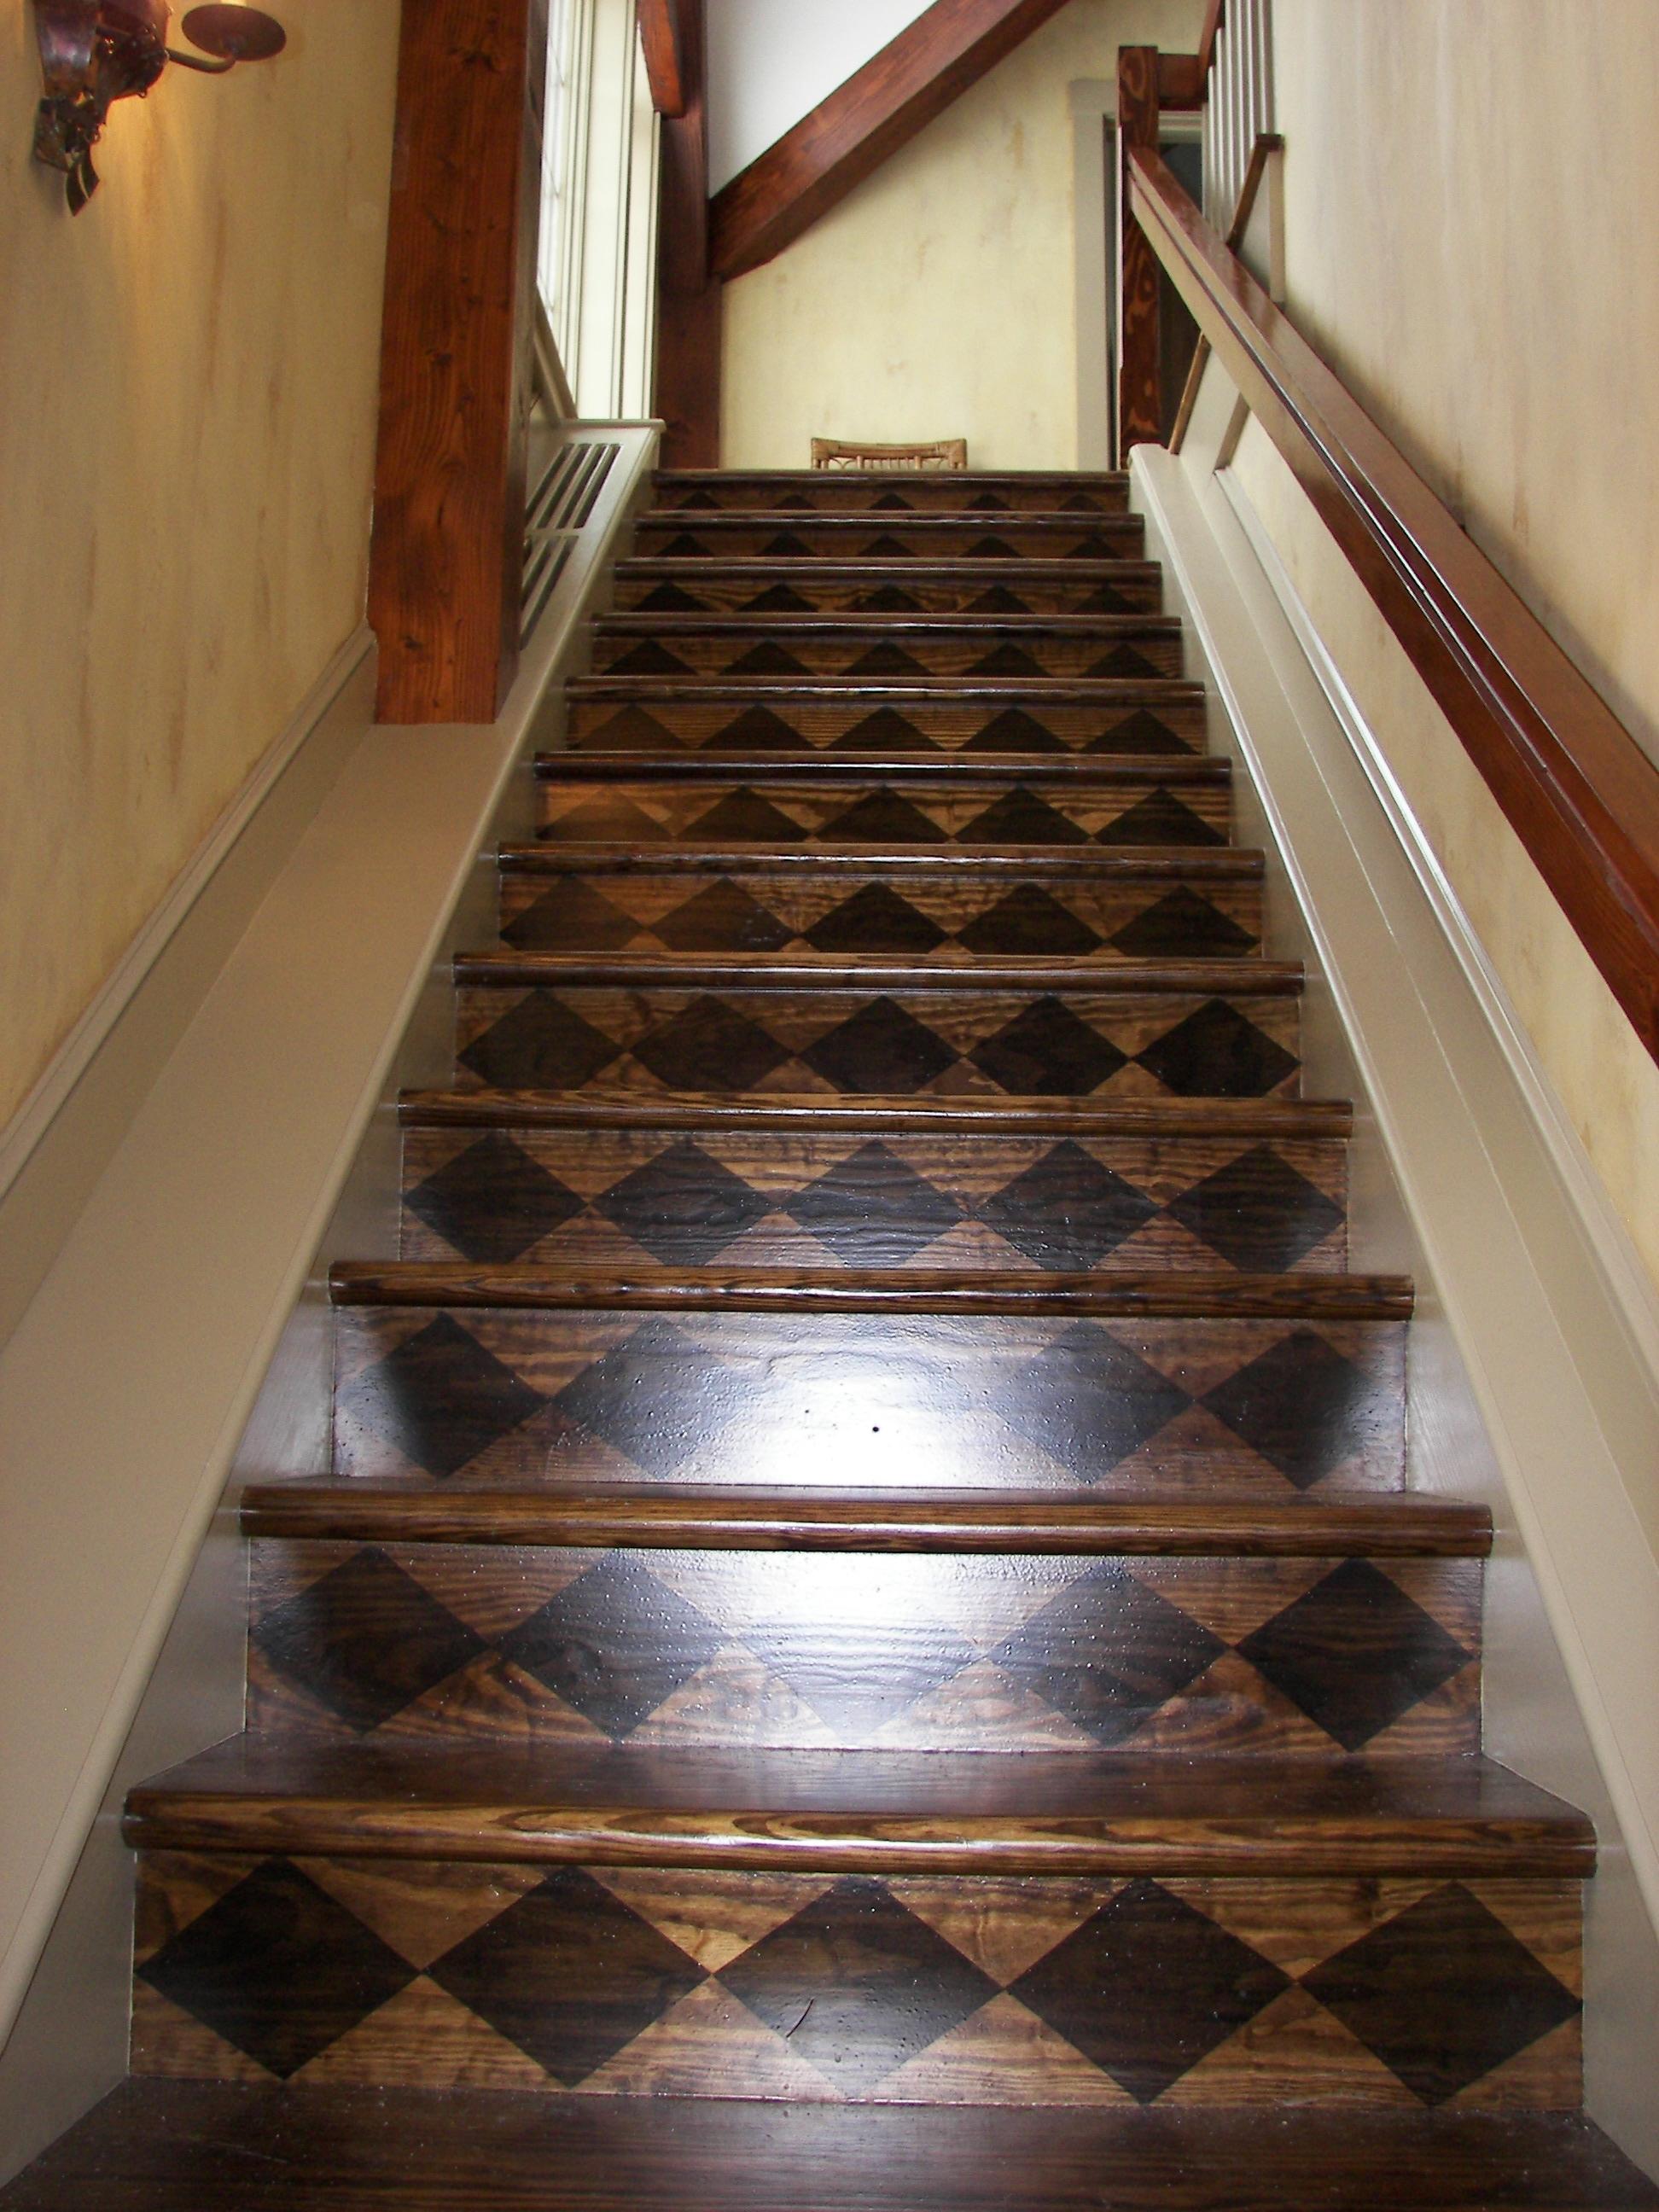 Stair Riser Details